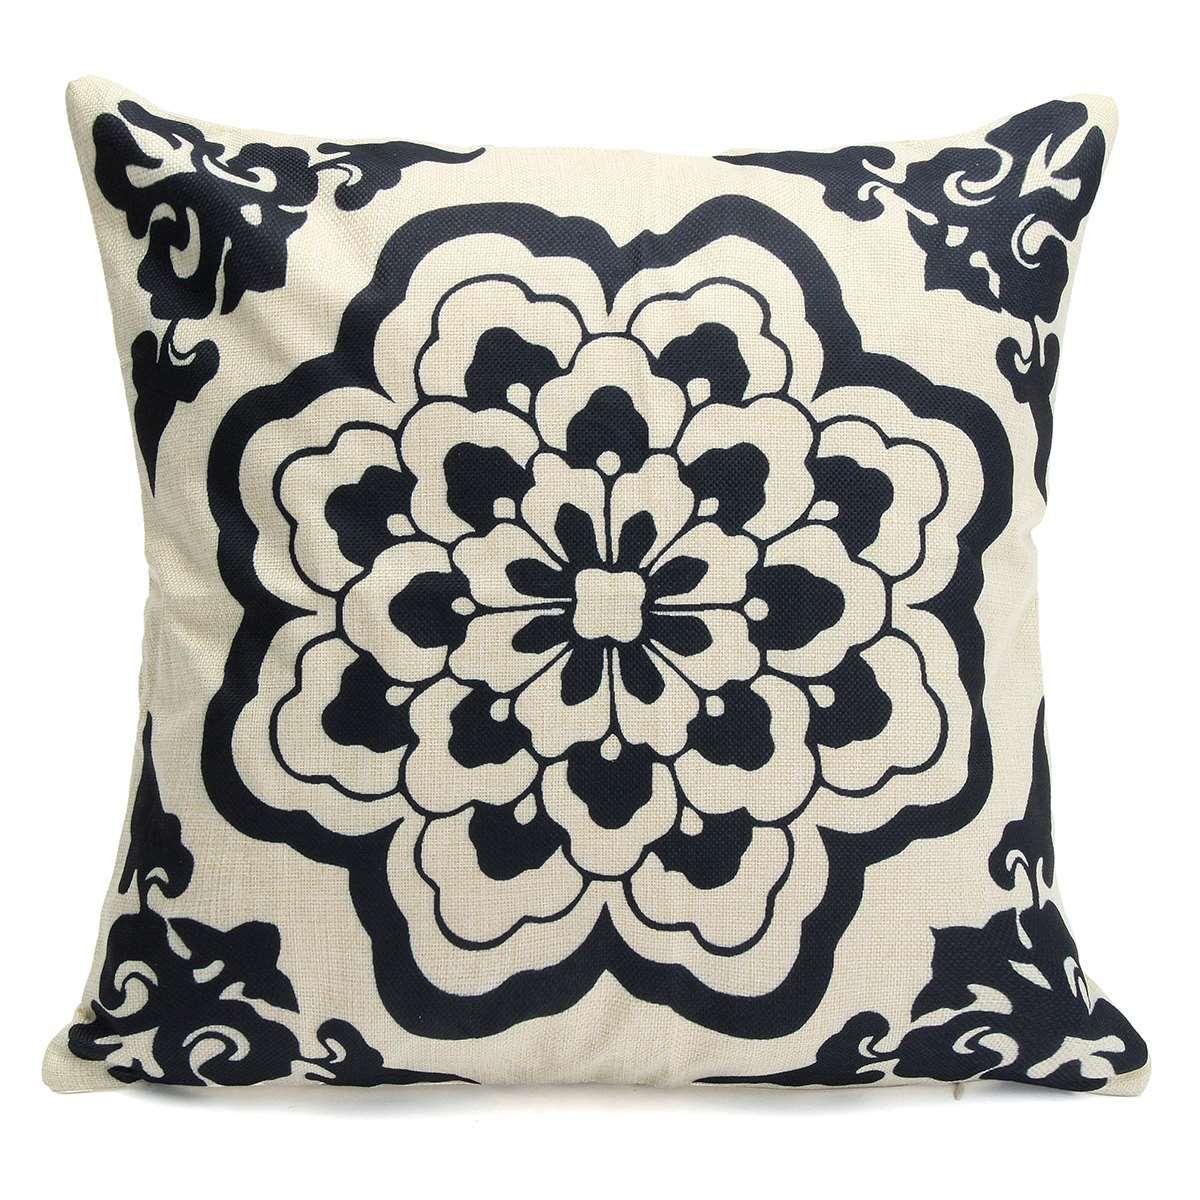 Pillow case porcelain cotton linen cover floral vintage oriental